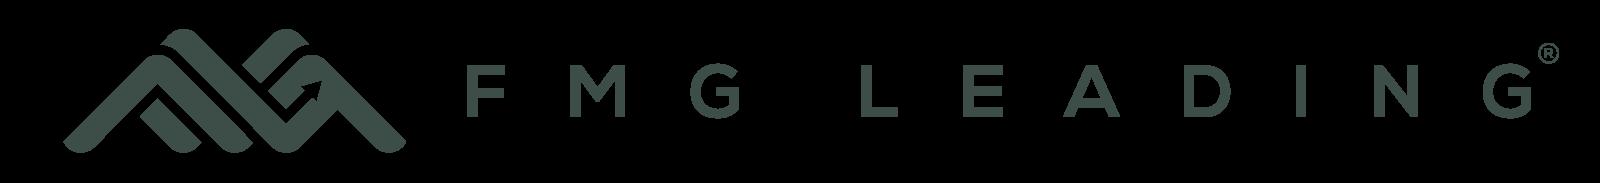 FMG Leading logo